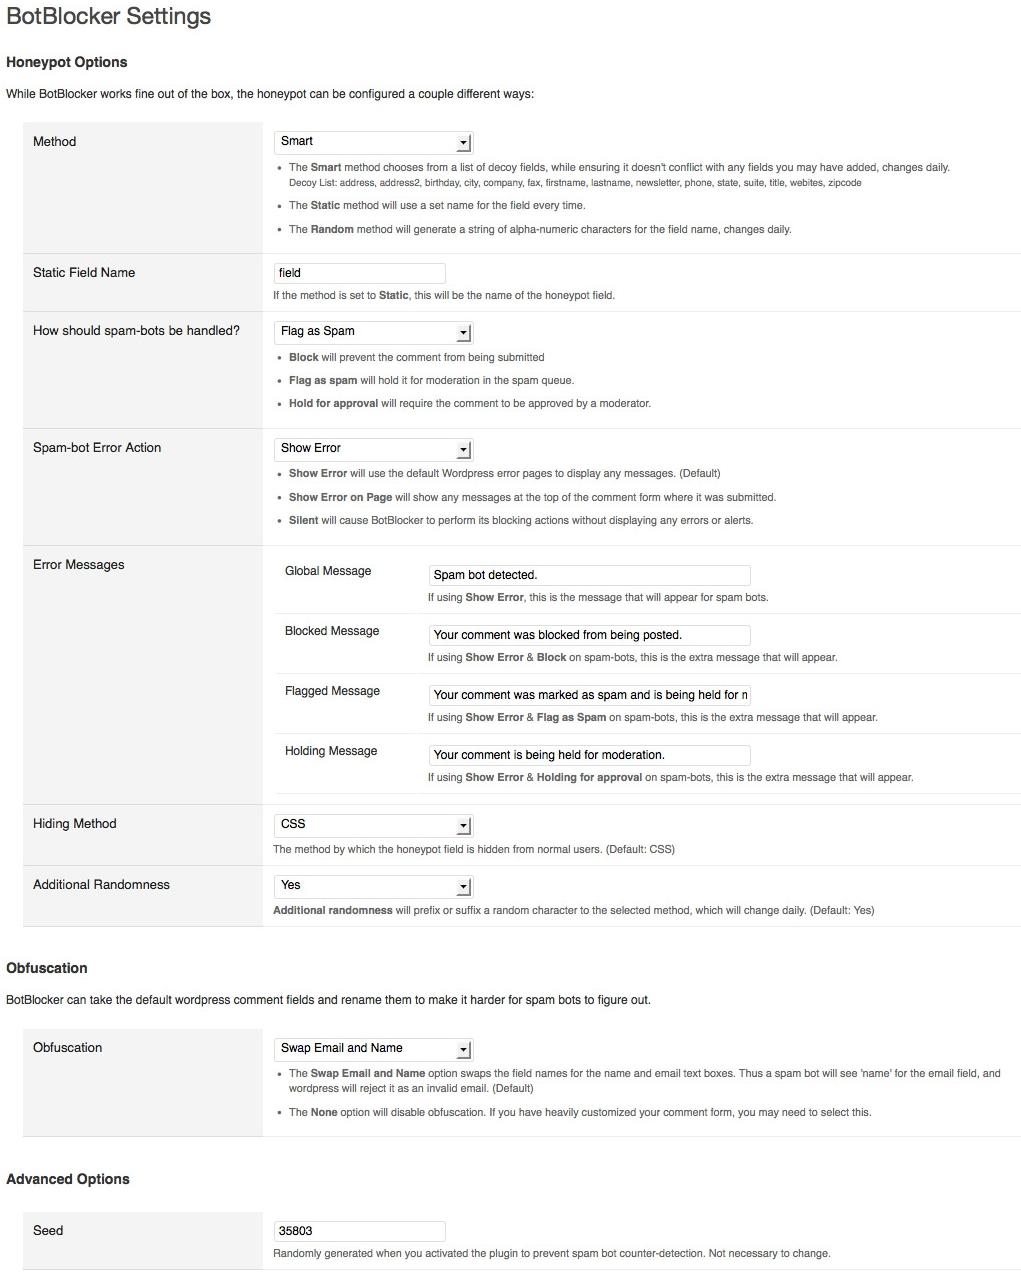 BotBlocker - плагин для защиты блога от автоматического спама, оставляемого ботами | n-wp.ru